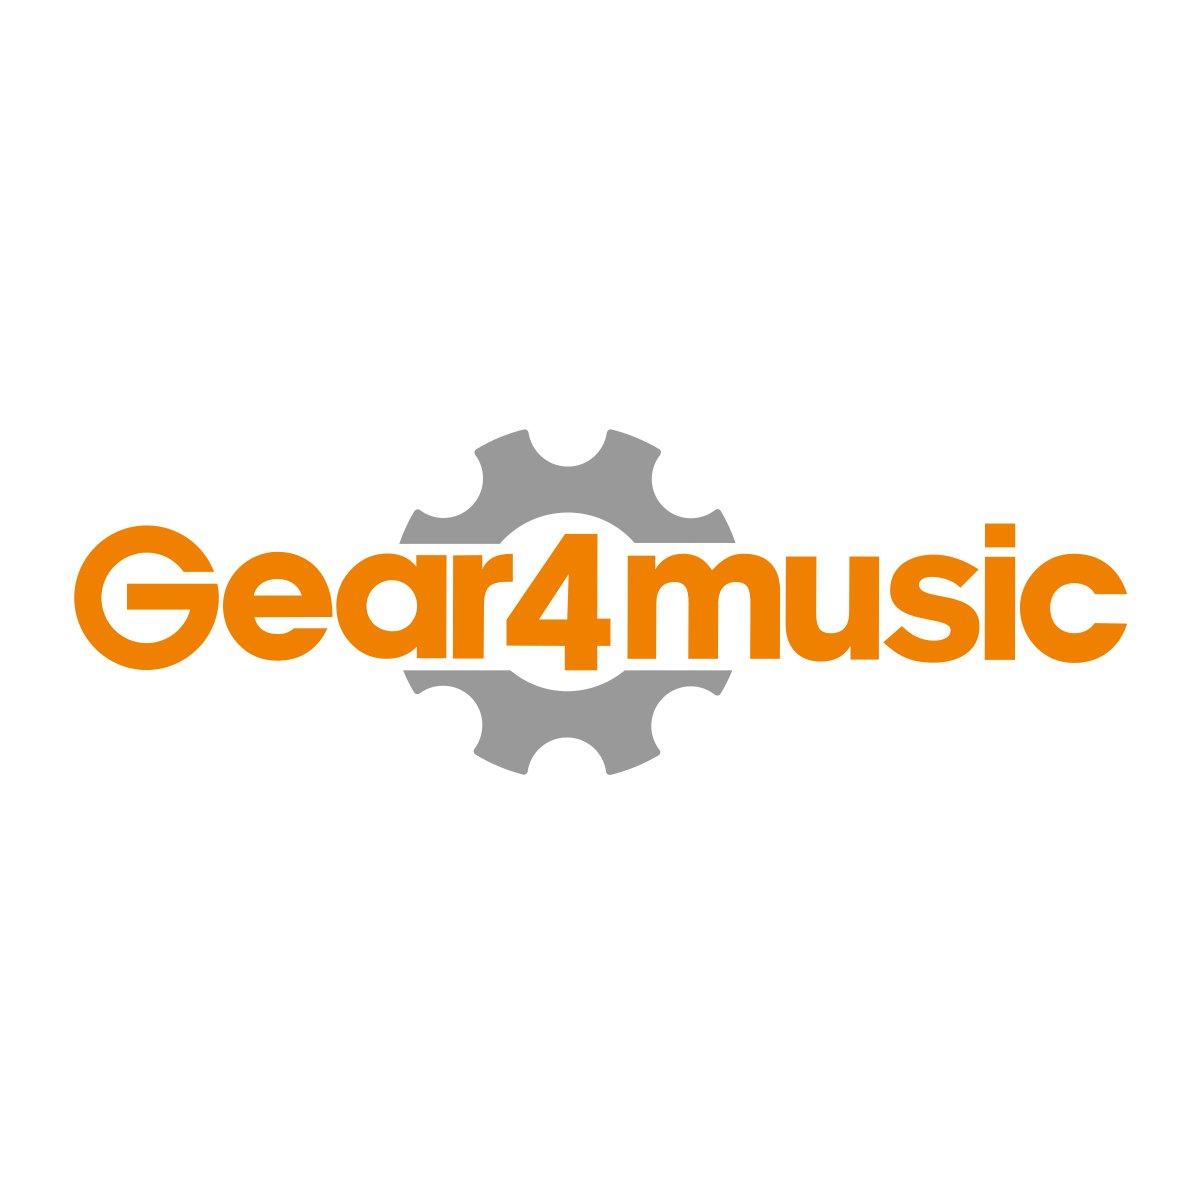 1x15 Guitar Cabinet Eden Ex115 Compact 1x15 Bass Cabinet 300w 8 Ohms At Gear4musiccom